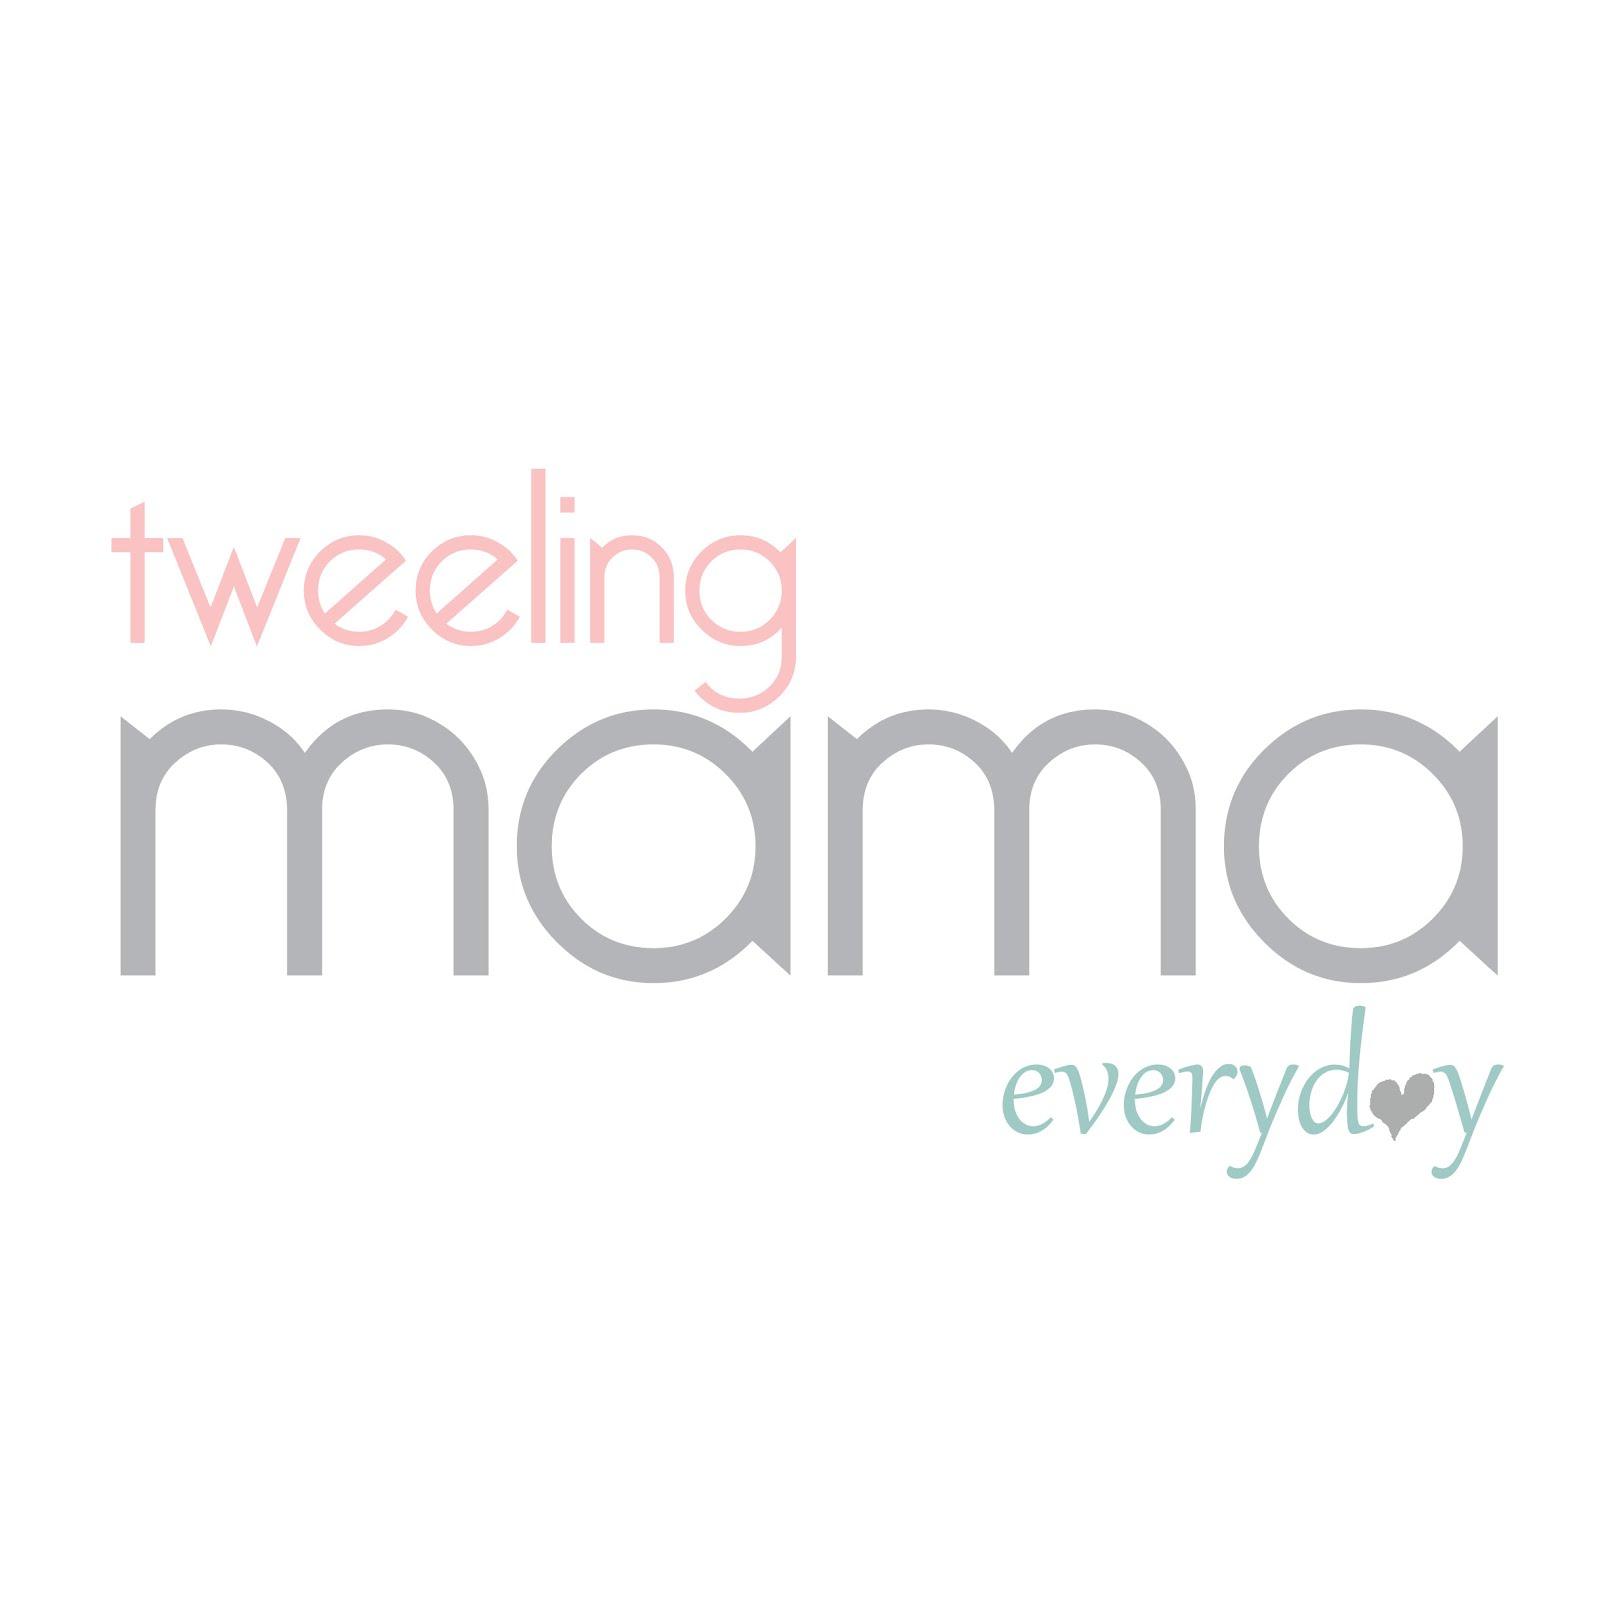 Tweelingmama everyday